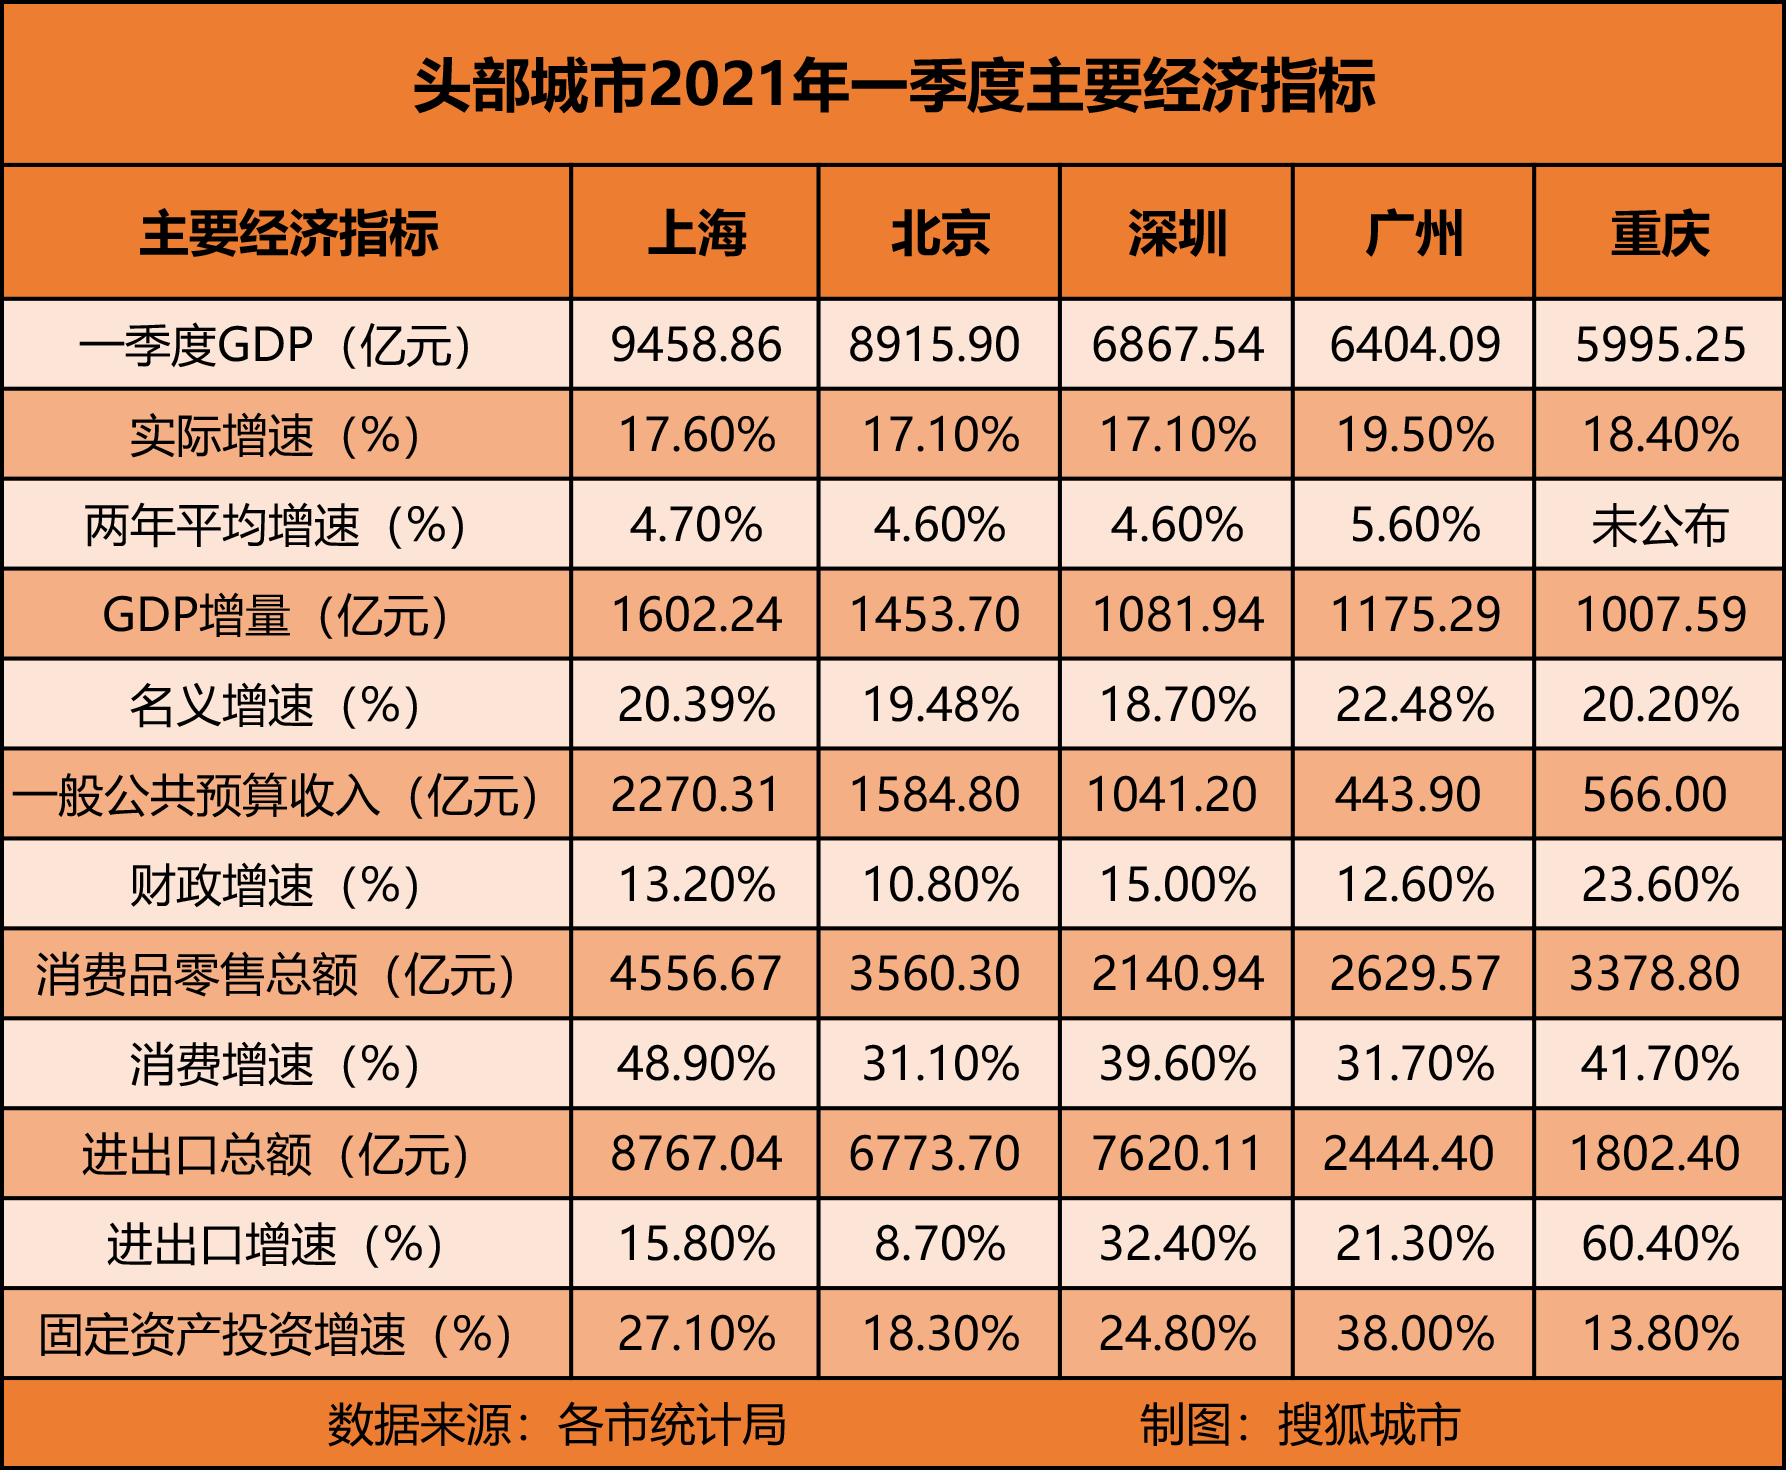 一季度襄阳gdp多少_一季度城市GDP排名 武汉不及郑州,襄阳已被南阳超过